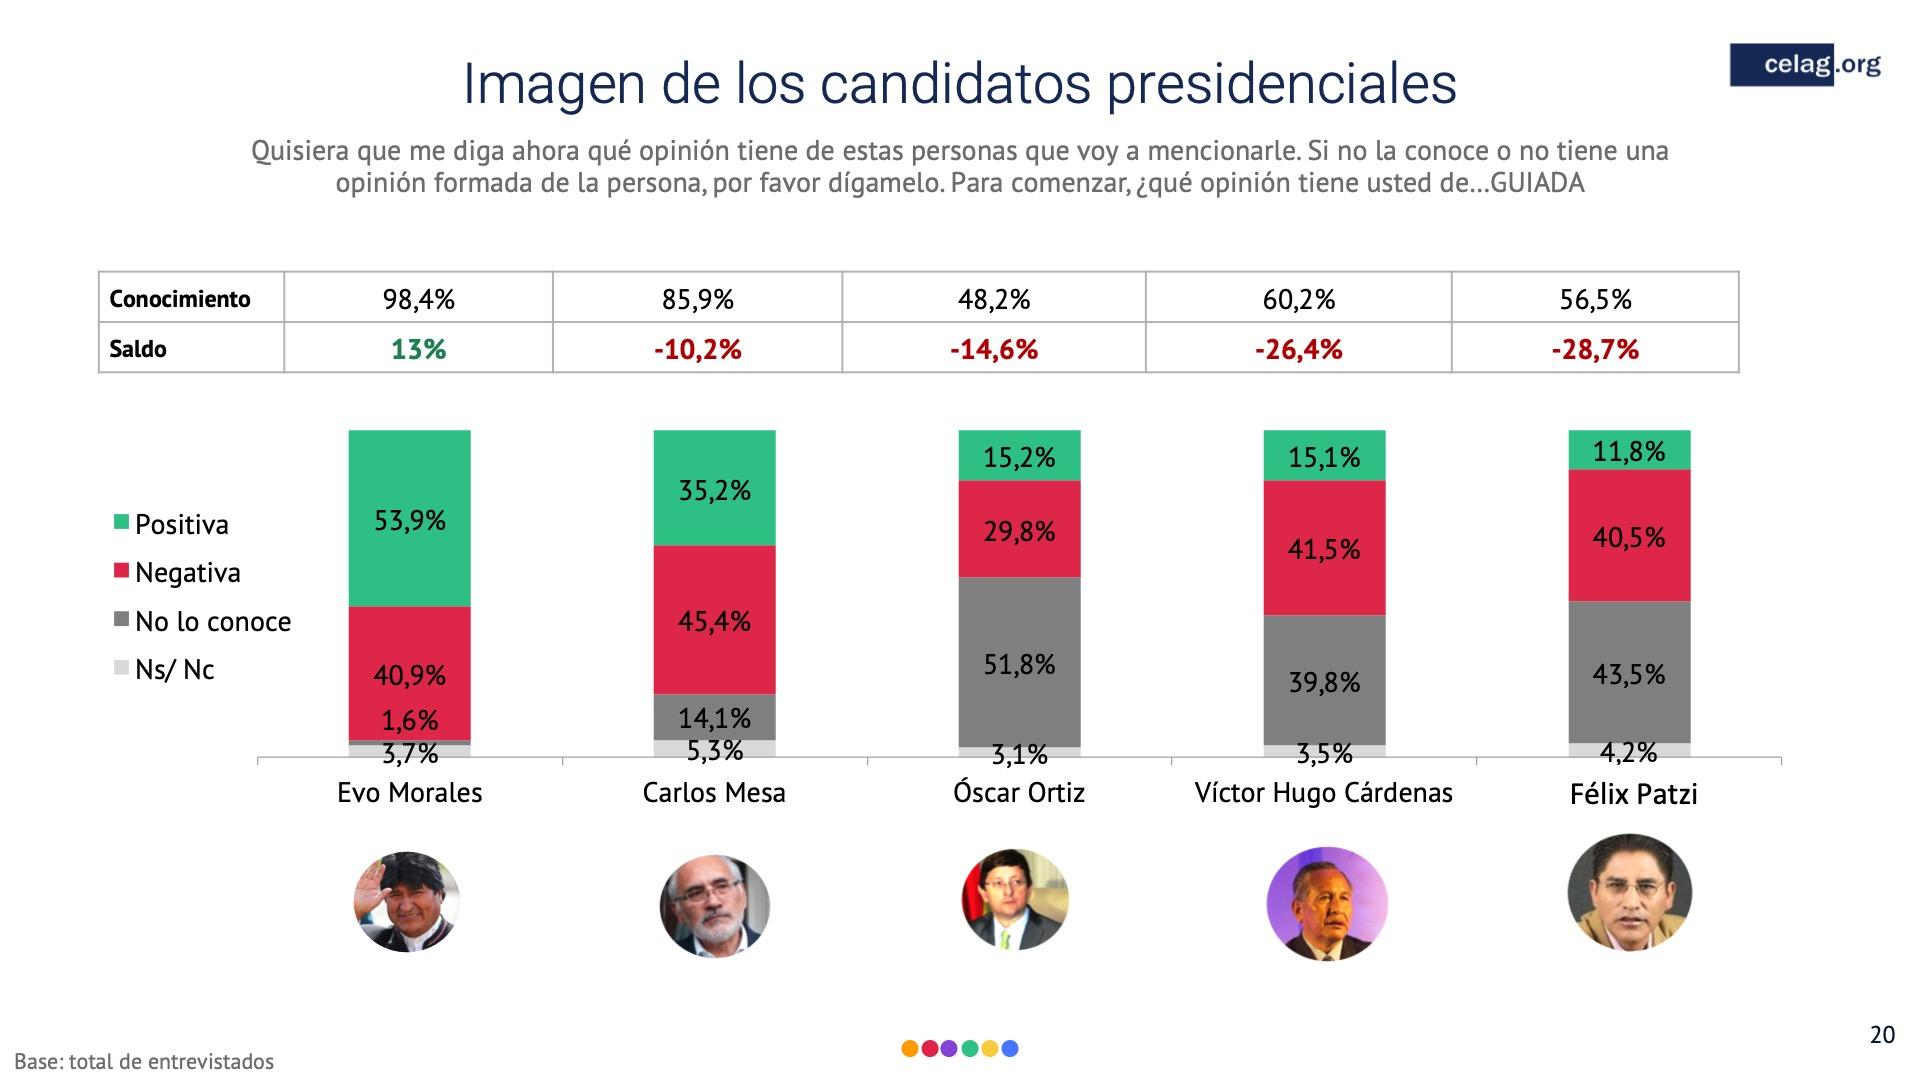 20 Elecciones bolivia imagen de los candidatos presidenciales